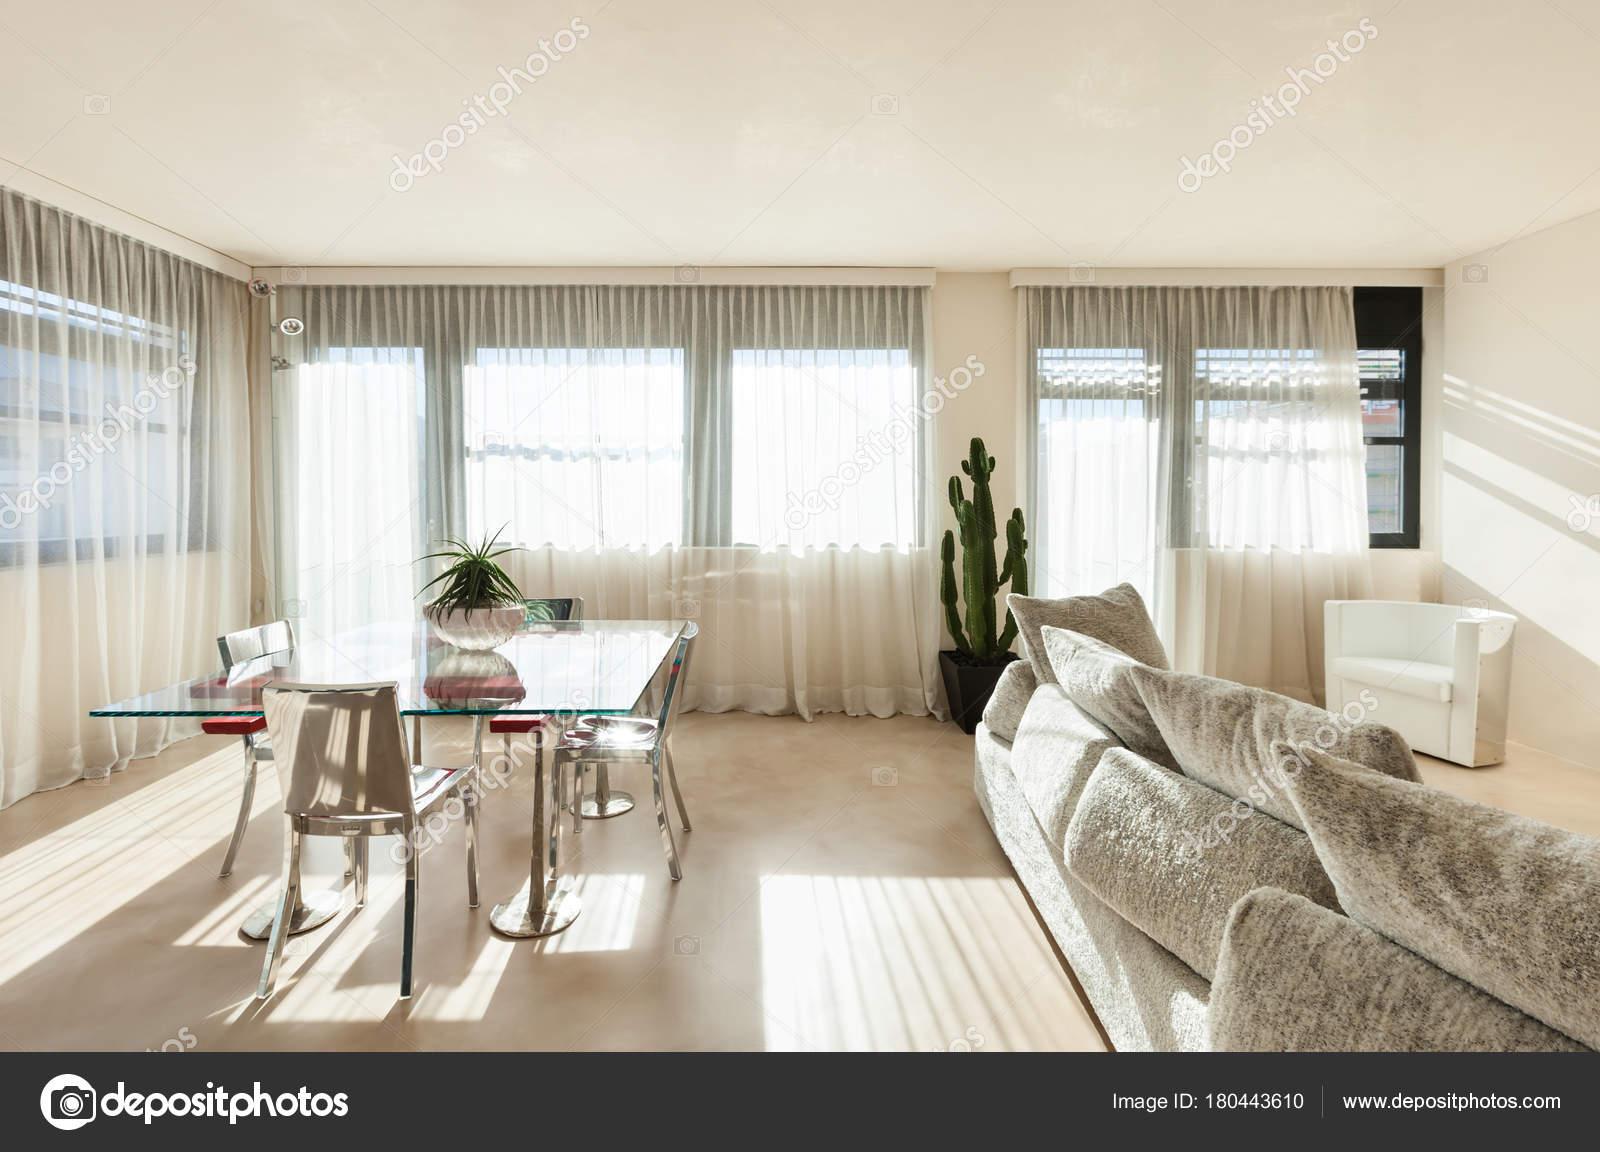 Interieur, moderne Wohnung — Stockfoto © Zveiger #180443610